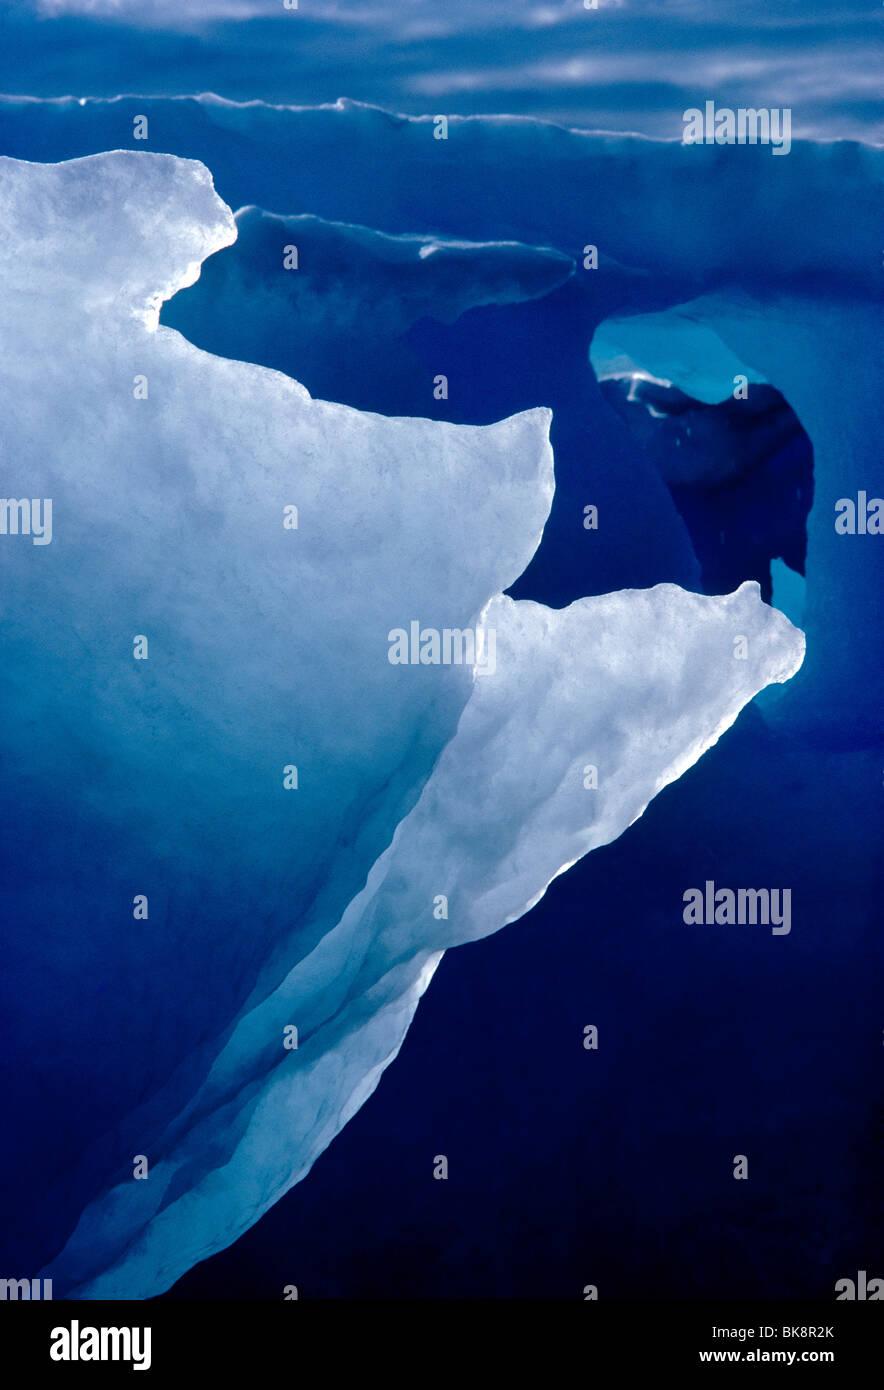 Vista astratta di iceberg retroilluminato formazione a Kekerten parco storico, Kekerten Isola, Nunavut, Canada Immagini Stock